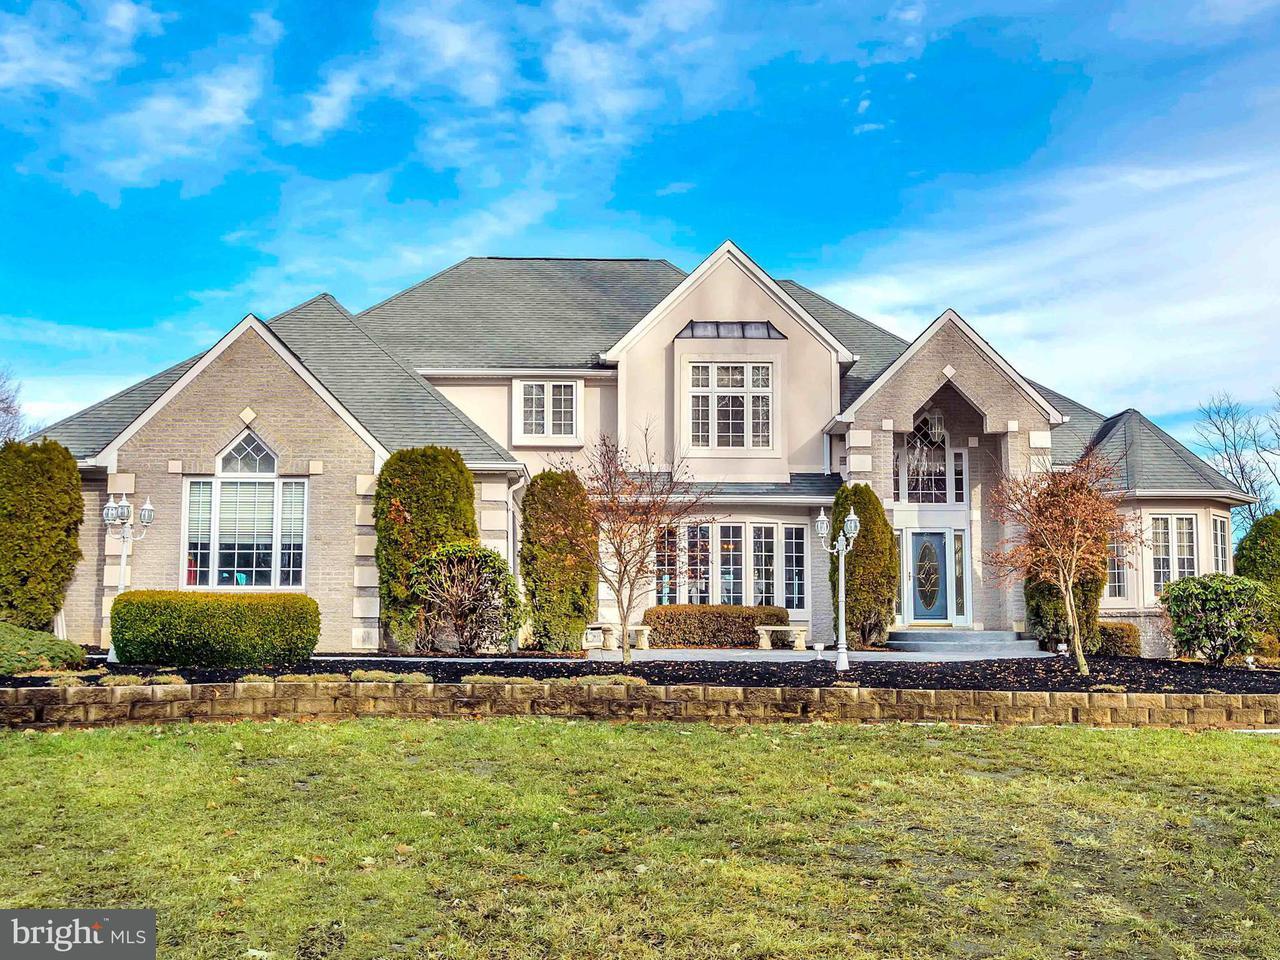 Casa Unifamiliar por un Venta en 18 POTOMAC OVERLOOK Lane 18 POTOMAC OVERLOOK Lane Stafford, Virginia 22554 Estados Unidos